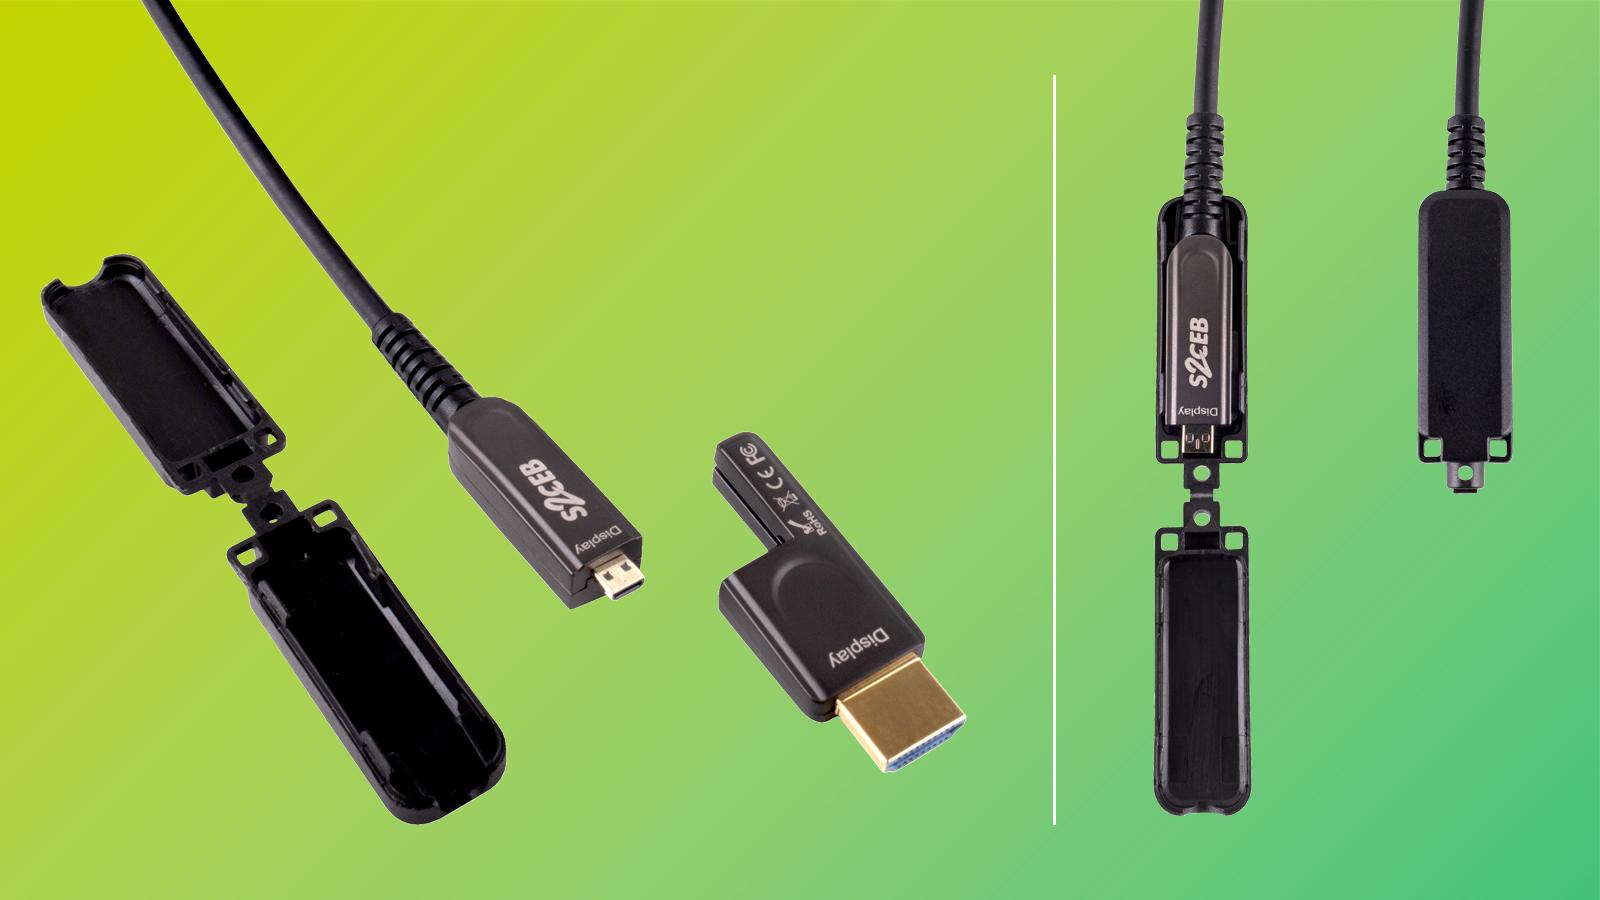 Embouts HDMI détachables